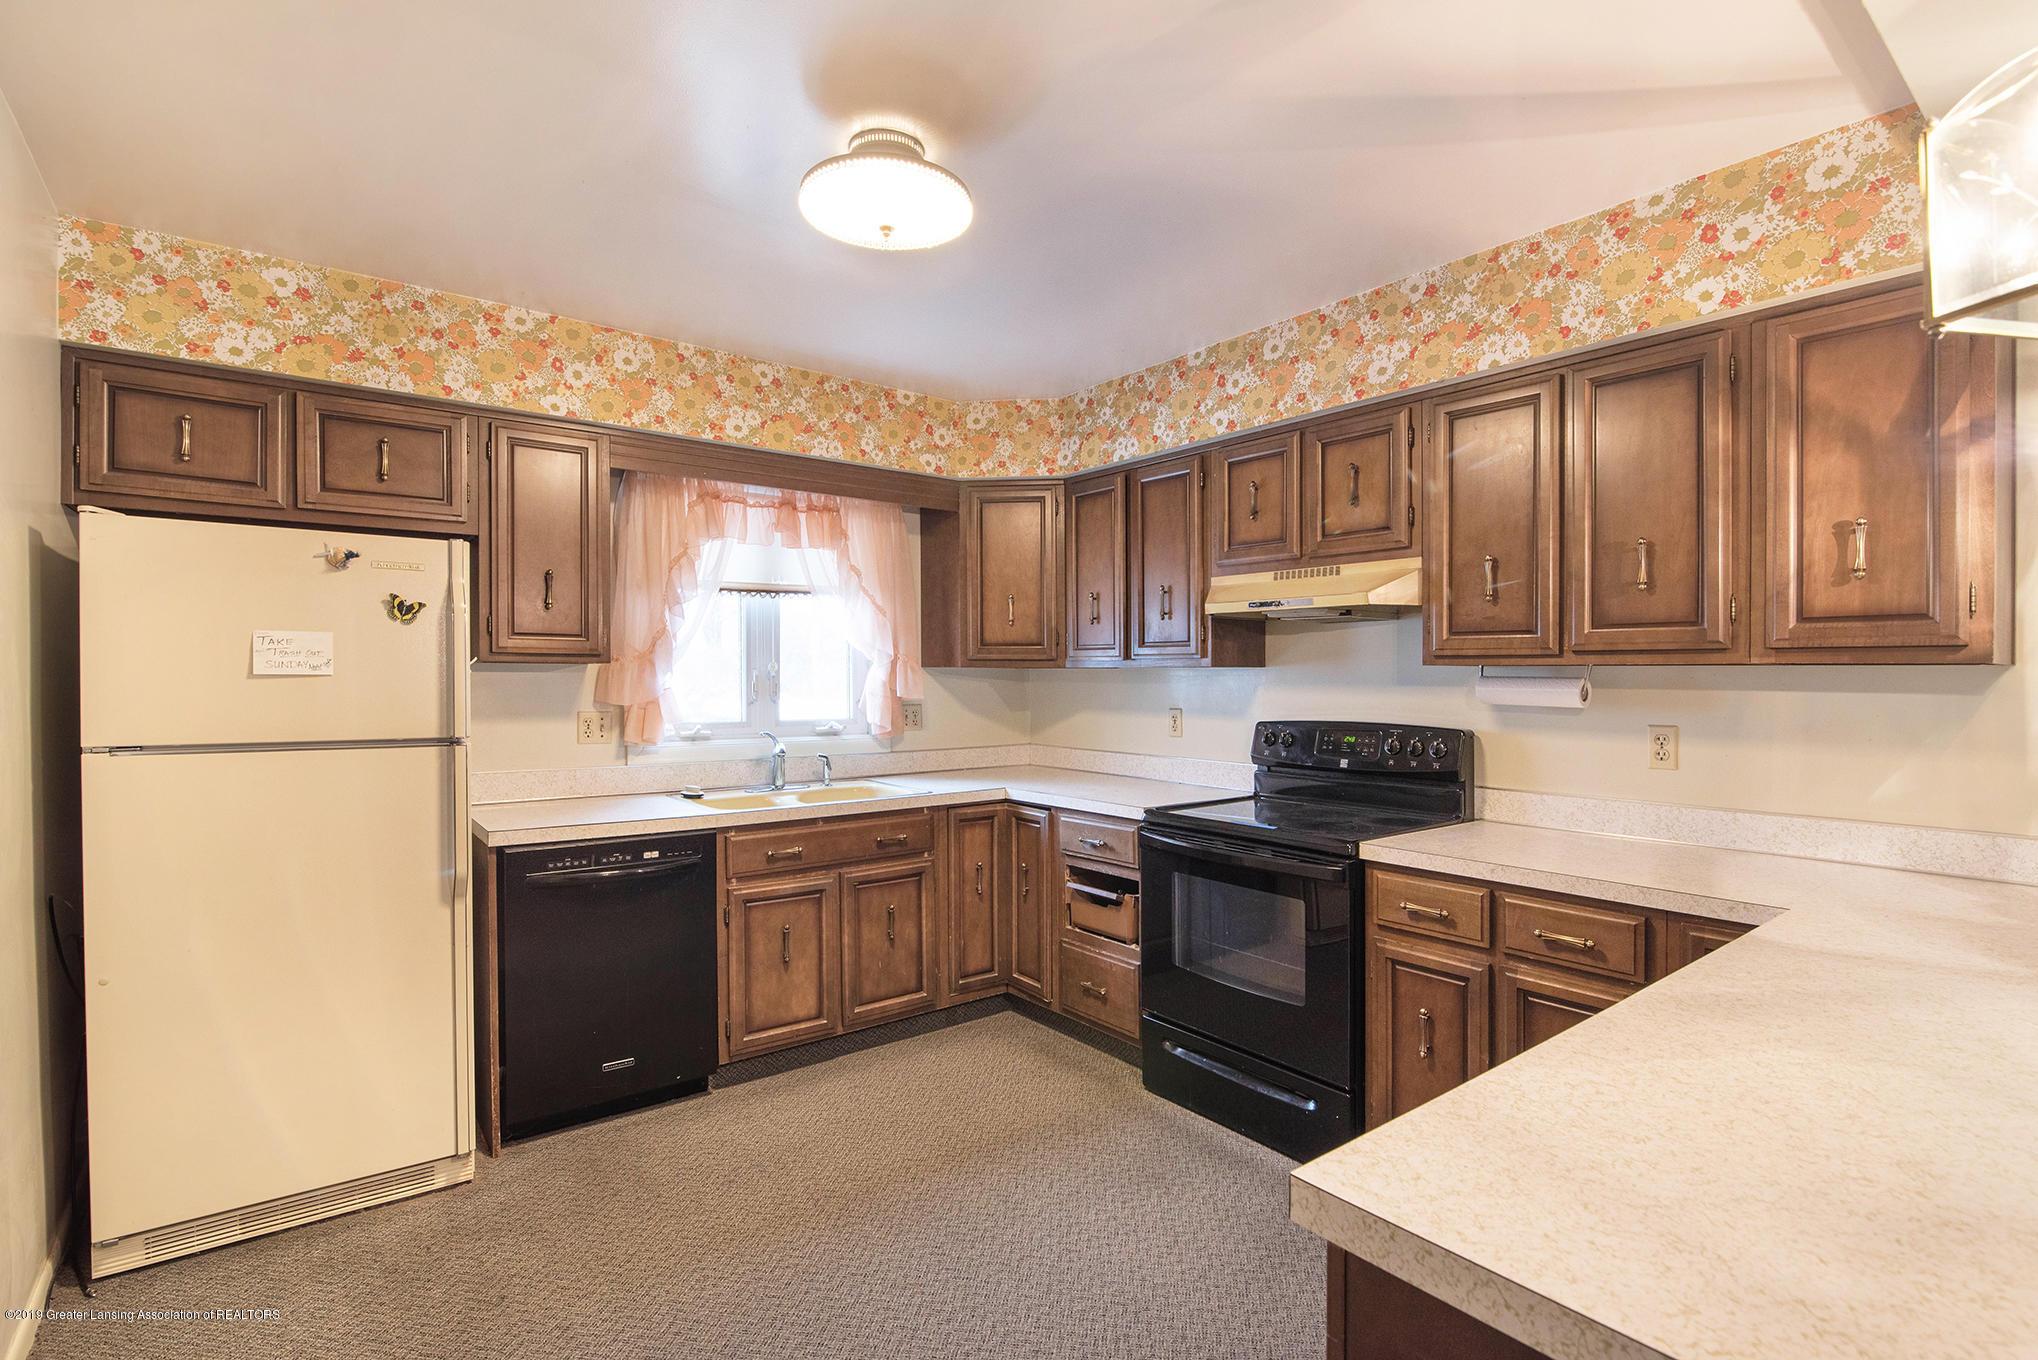 1424 N Homer St - Kitchen - 8